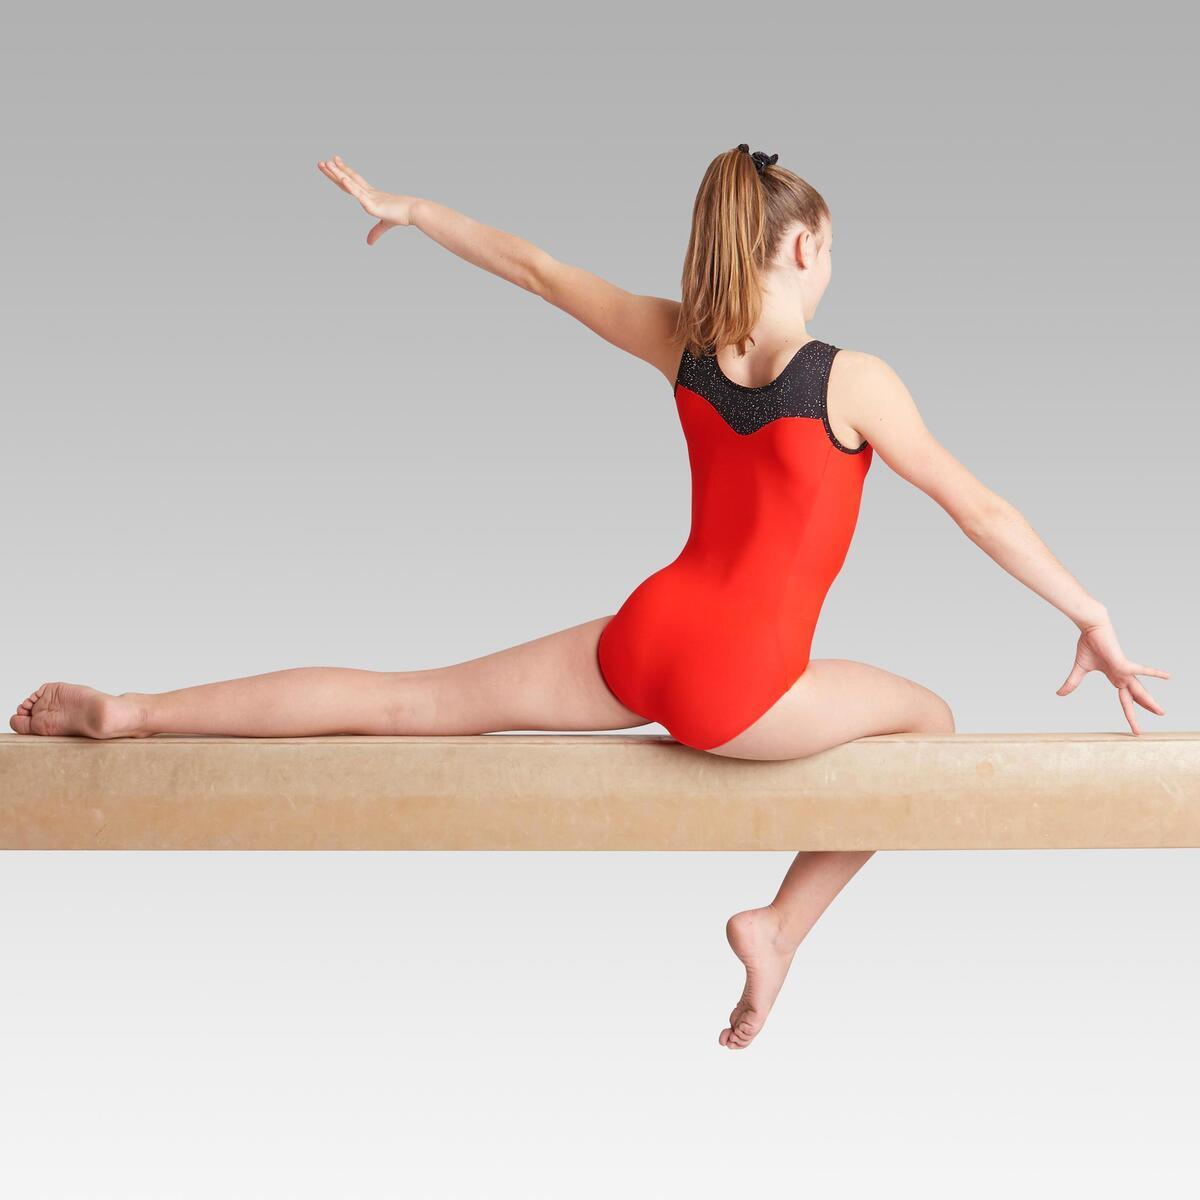 Bild 3 von Gymnastikanzug Turnanzug ärmellos 540 SM rot/schwarz